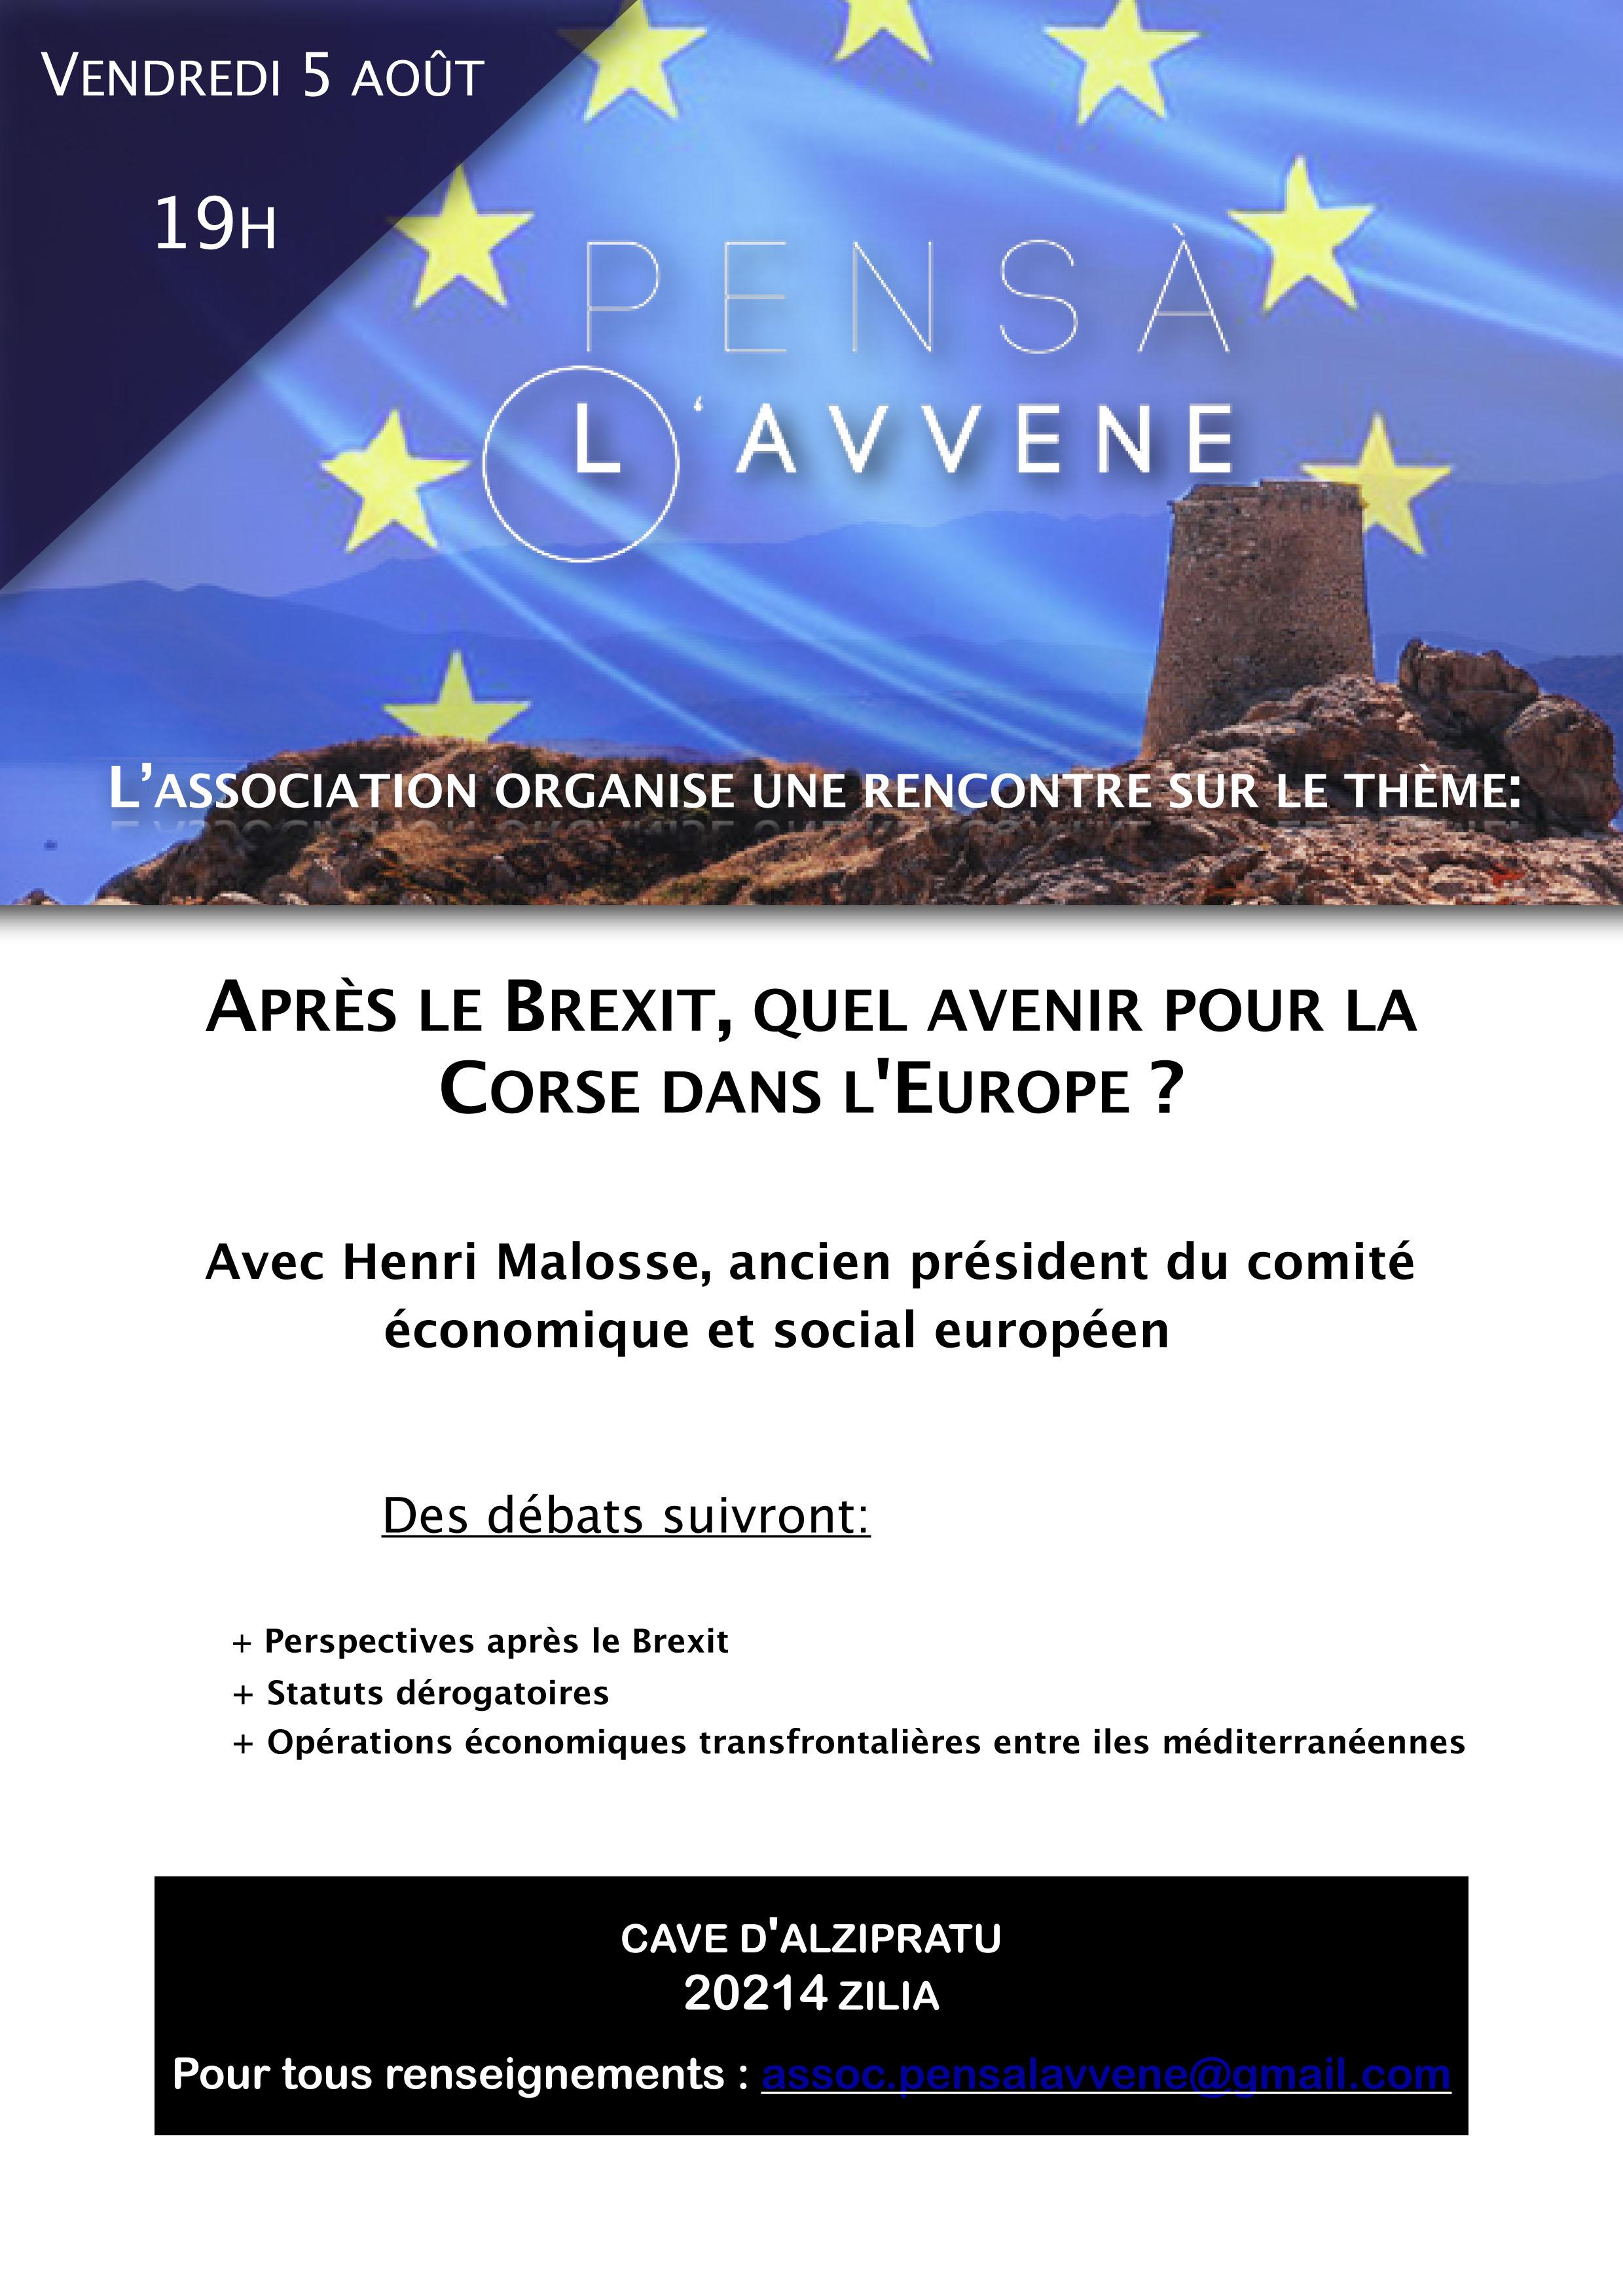 Rencontre-débat avec Henri Malosse à Calenzana sur le thème de la Corse et l'Europe